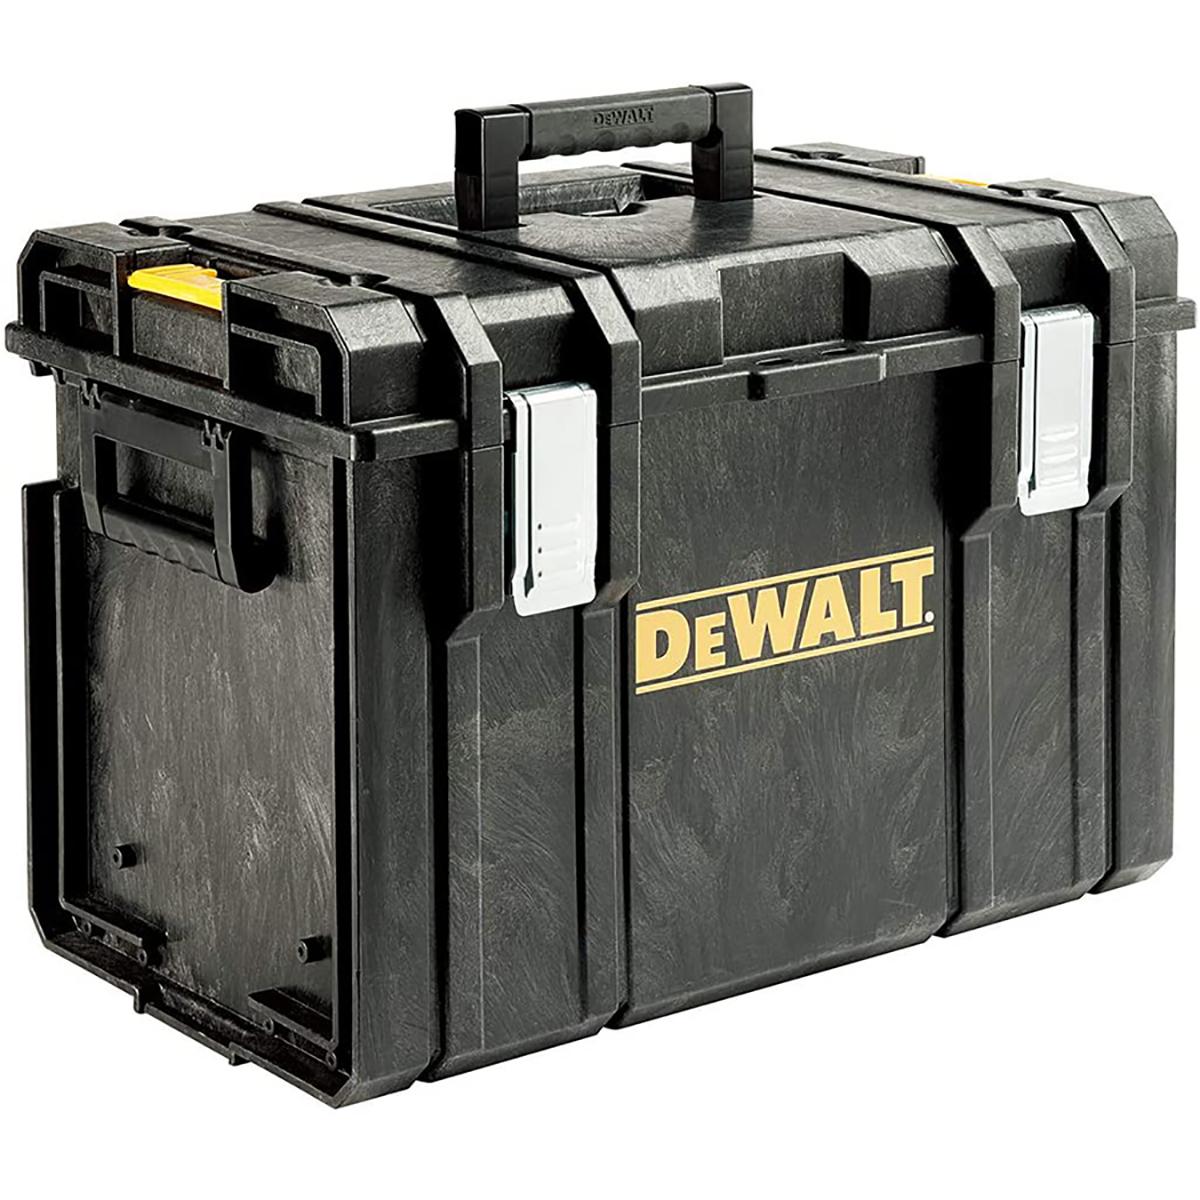 1-70-323 ツールボックス 国内正規品 デウォルト DeWALT 正規品 ハイパフォーマンス プロフェッショナルが選ぶ電動工具 プロ用 送料無料お手入れ要らず 工具